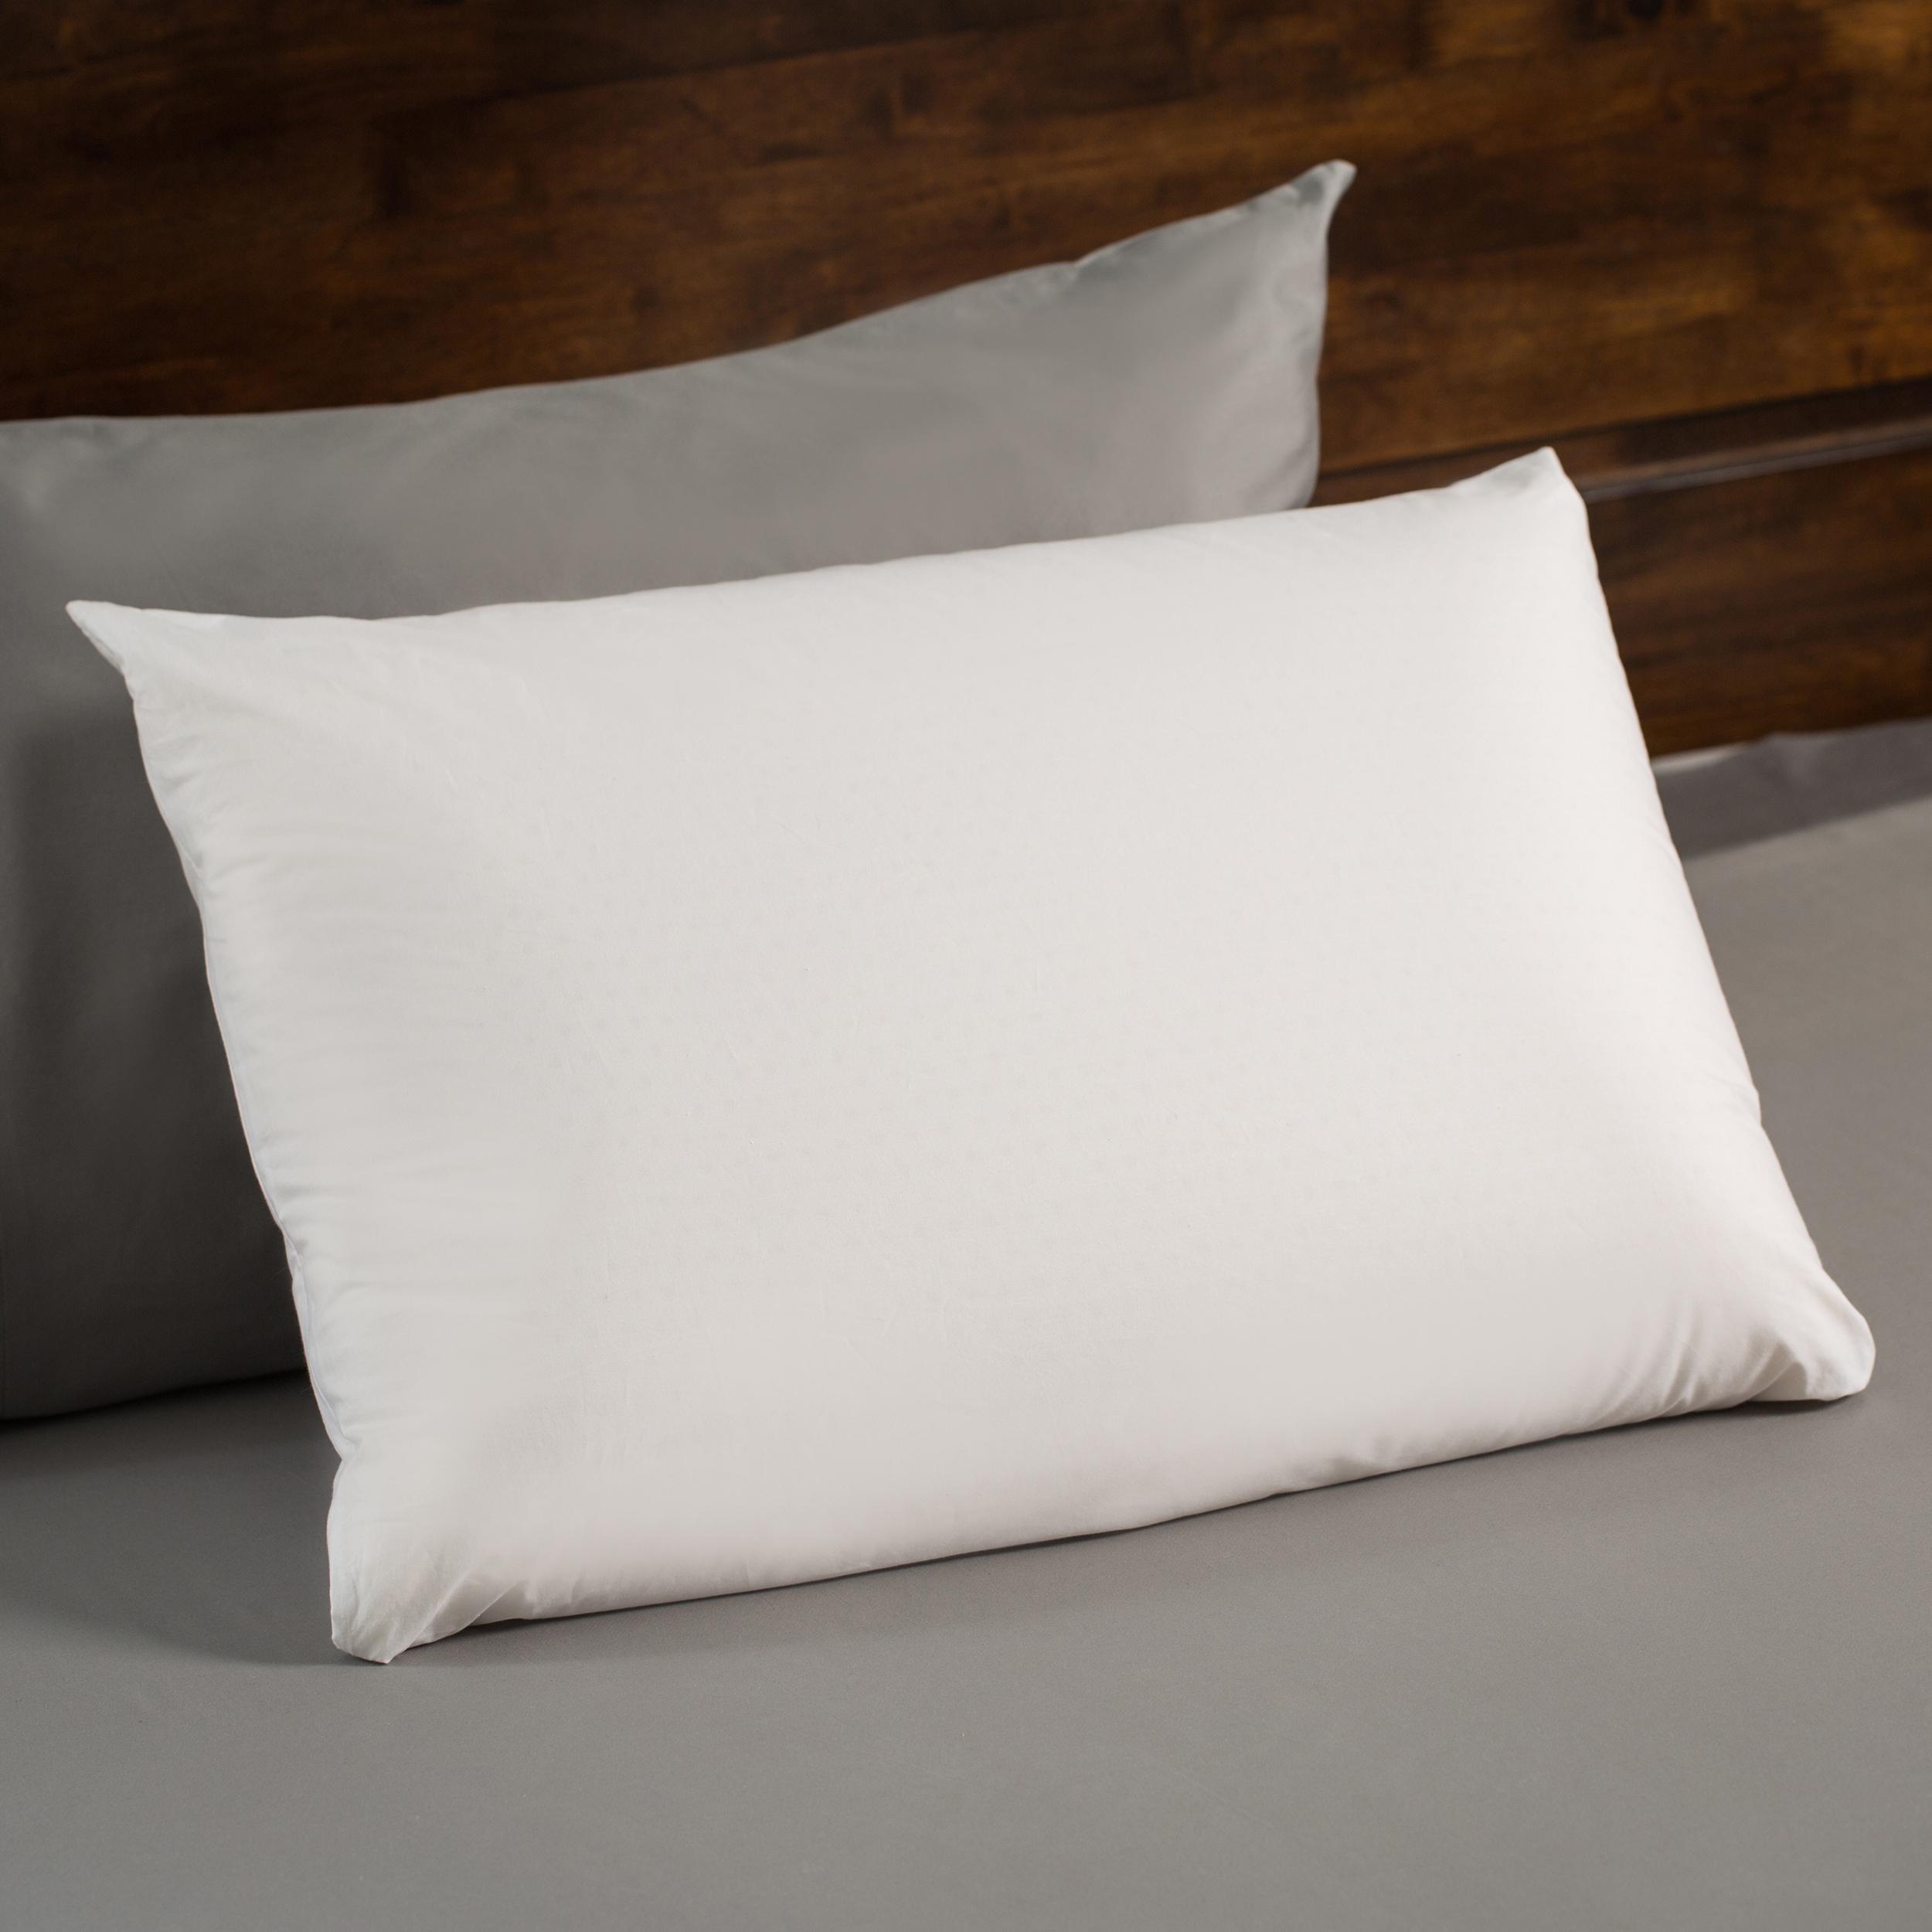 Down vs Memory Foam Pillows